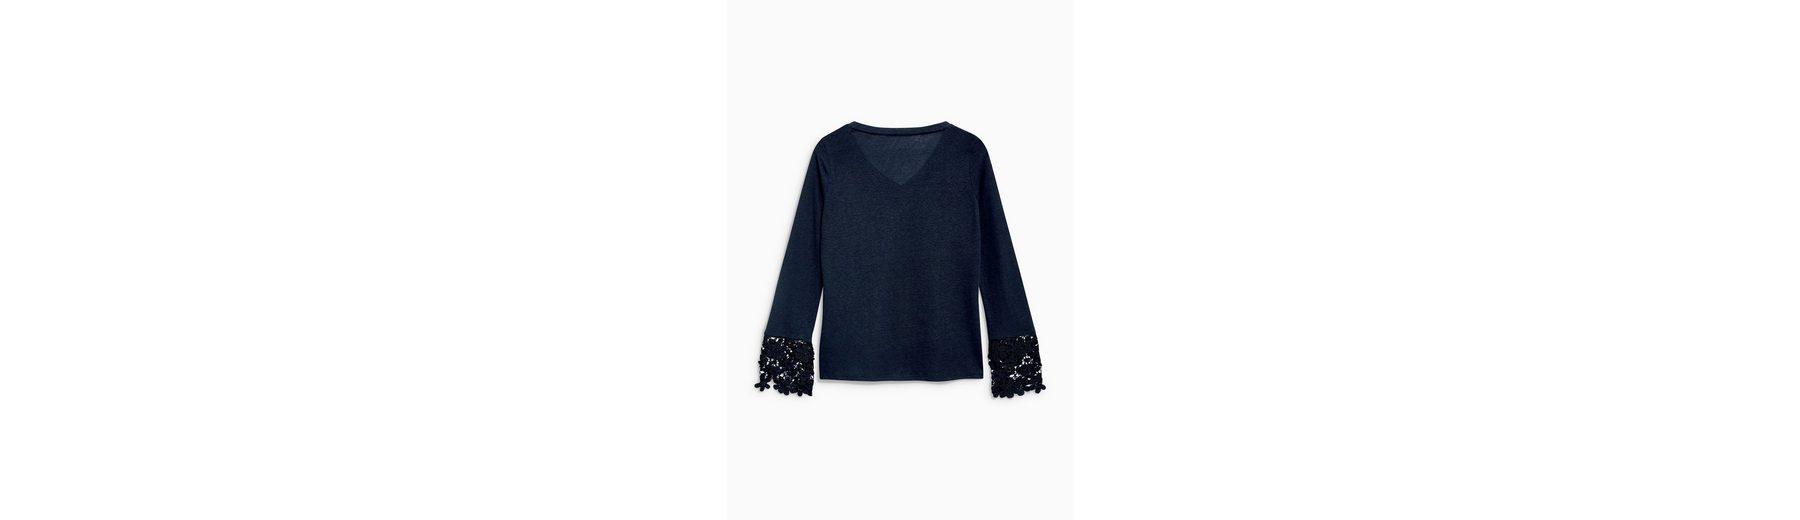 Rabatt-Outlet-Store Next Shirt mit Ärmelsaum aus Spitze Versorgung Günstiger Preis Rabatt-Angebote HystMo5